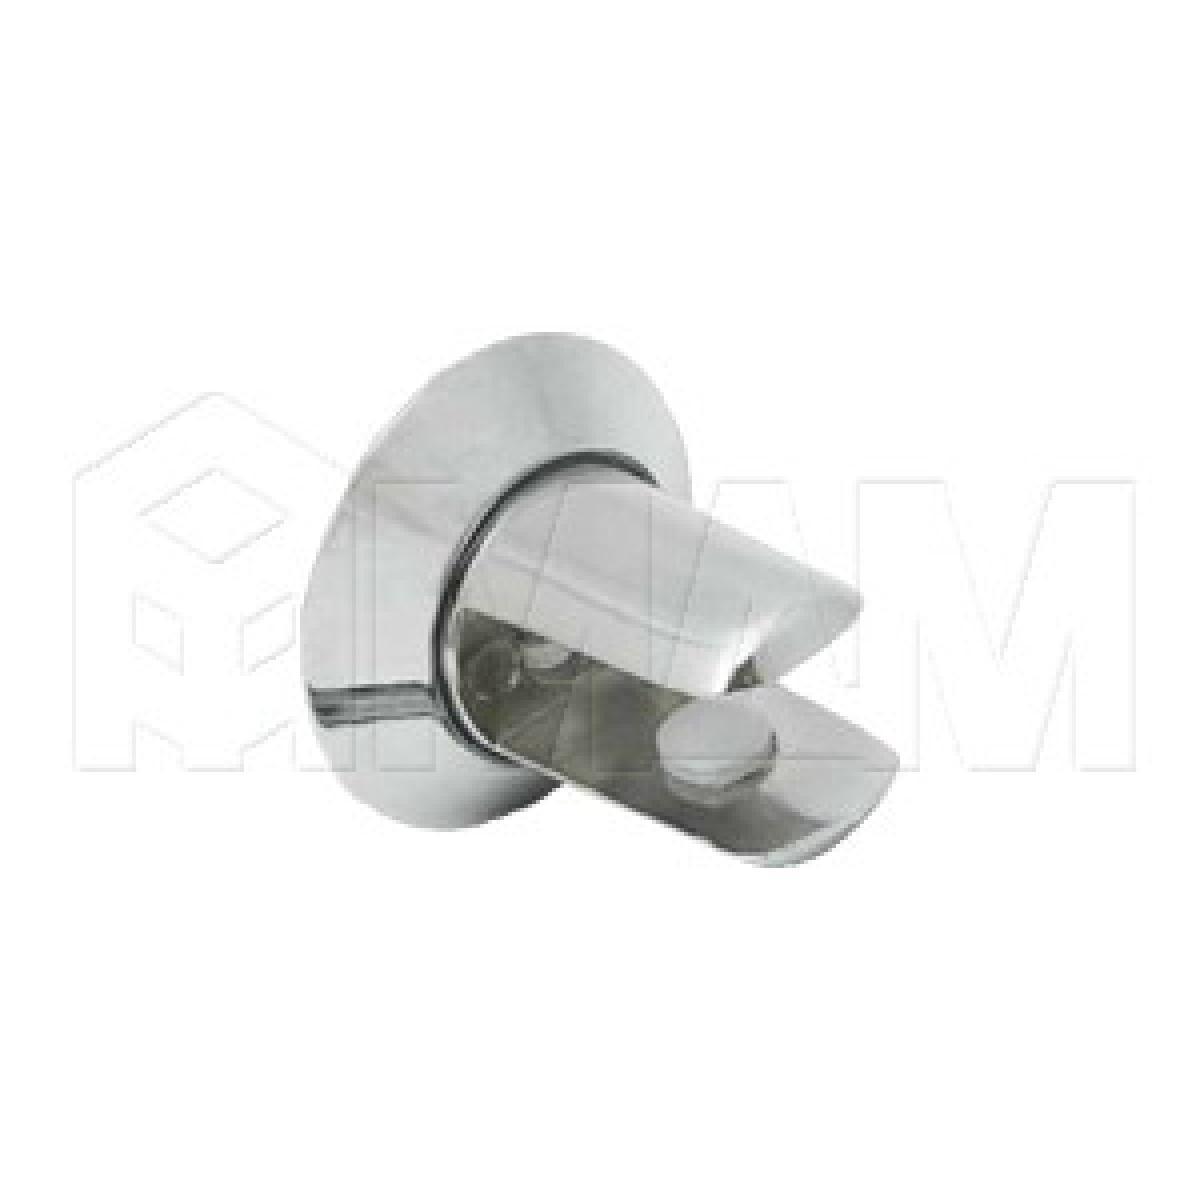 Полкодержатель для стеклянных полок толщиной 8-10 мм, хром